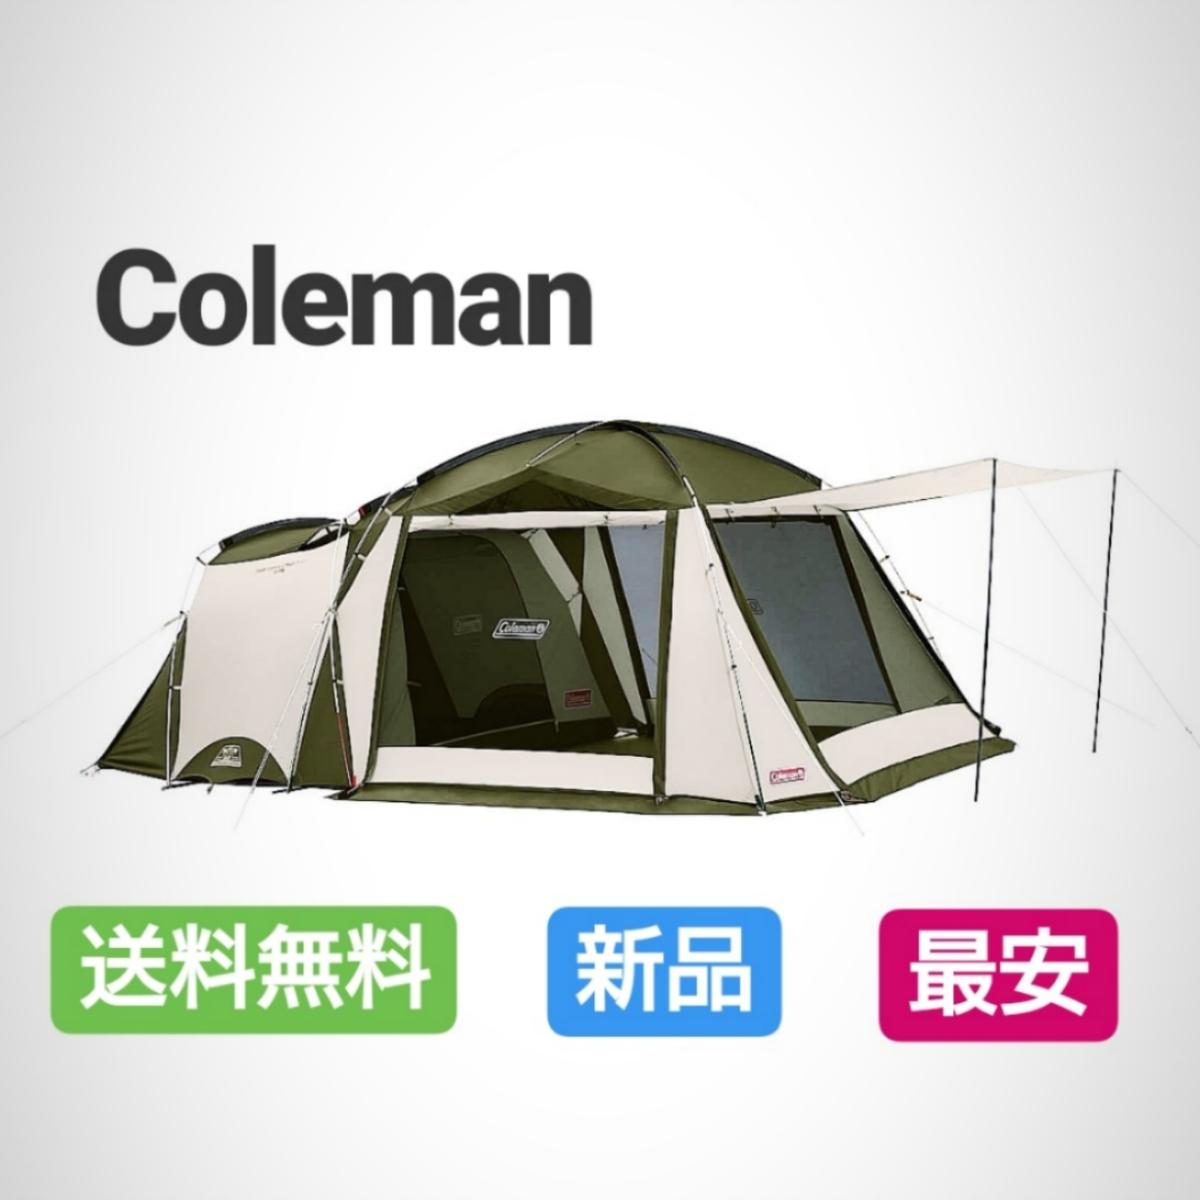 最安 コールマン タフスクリーン2ルームハウス(オリーブ/サンド)新品未使用